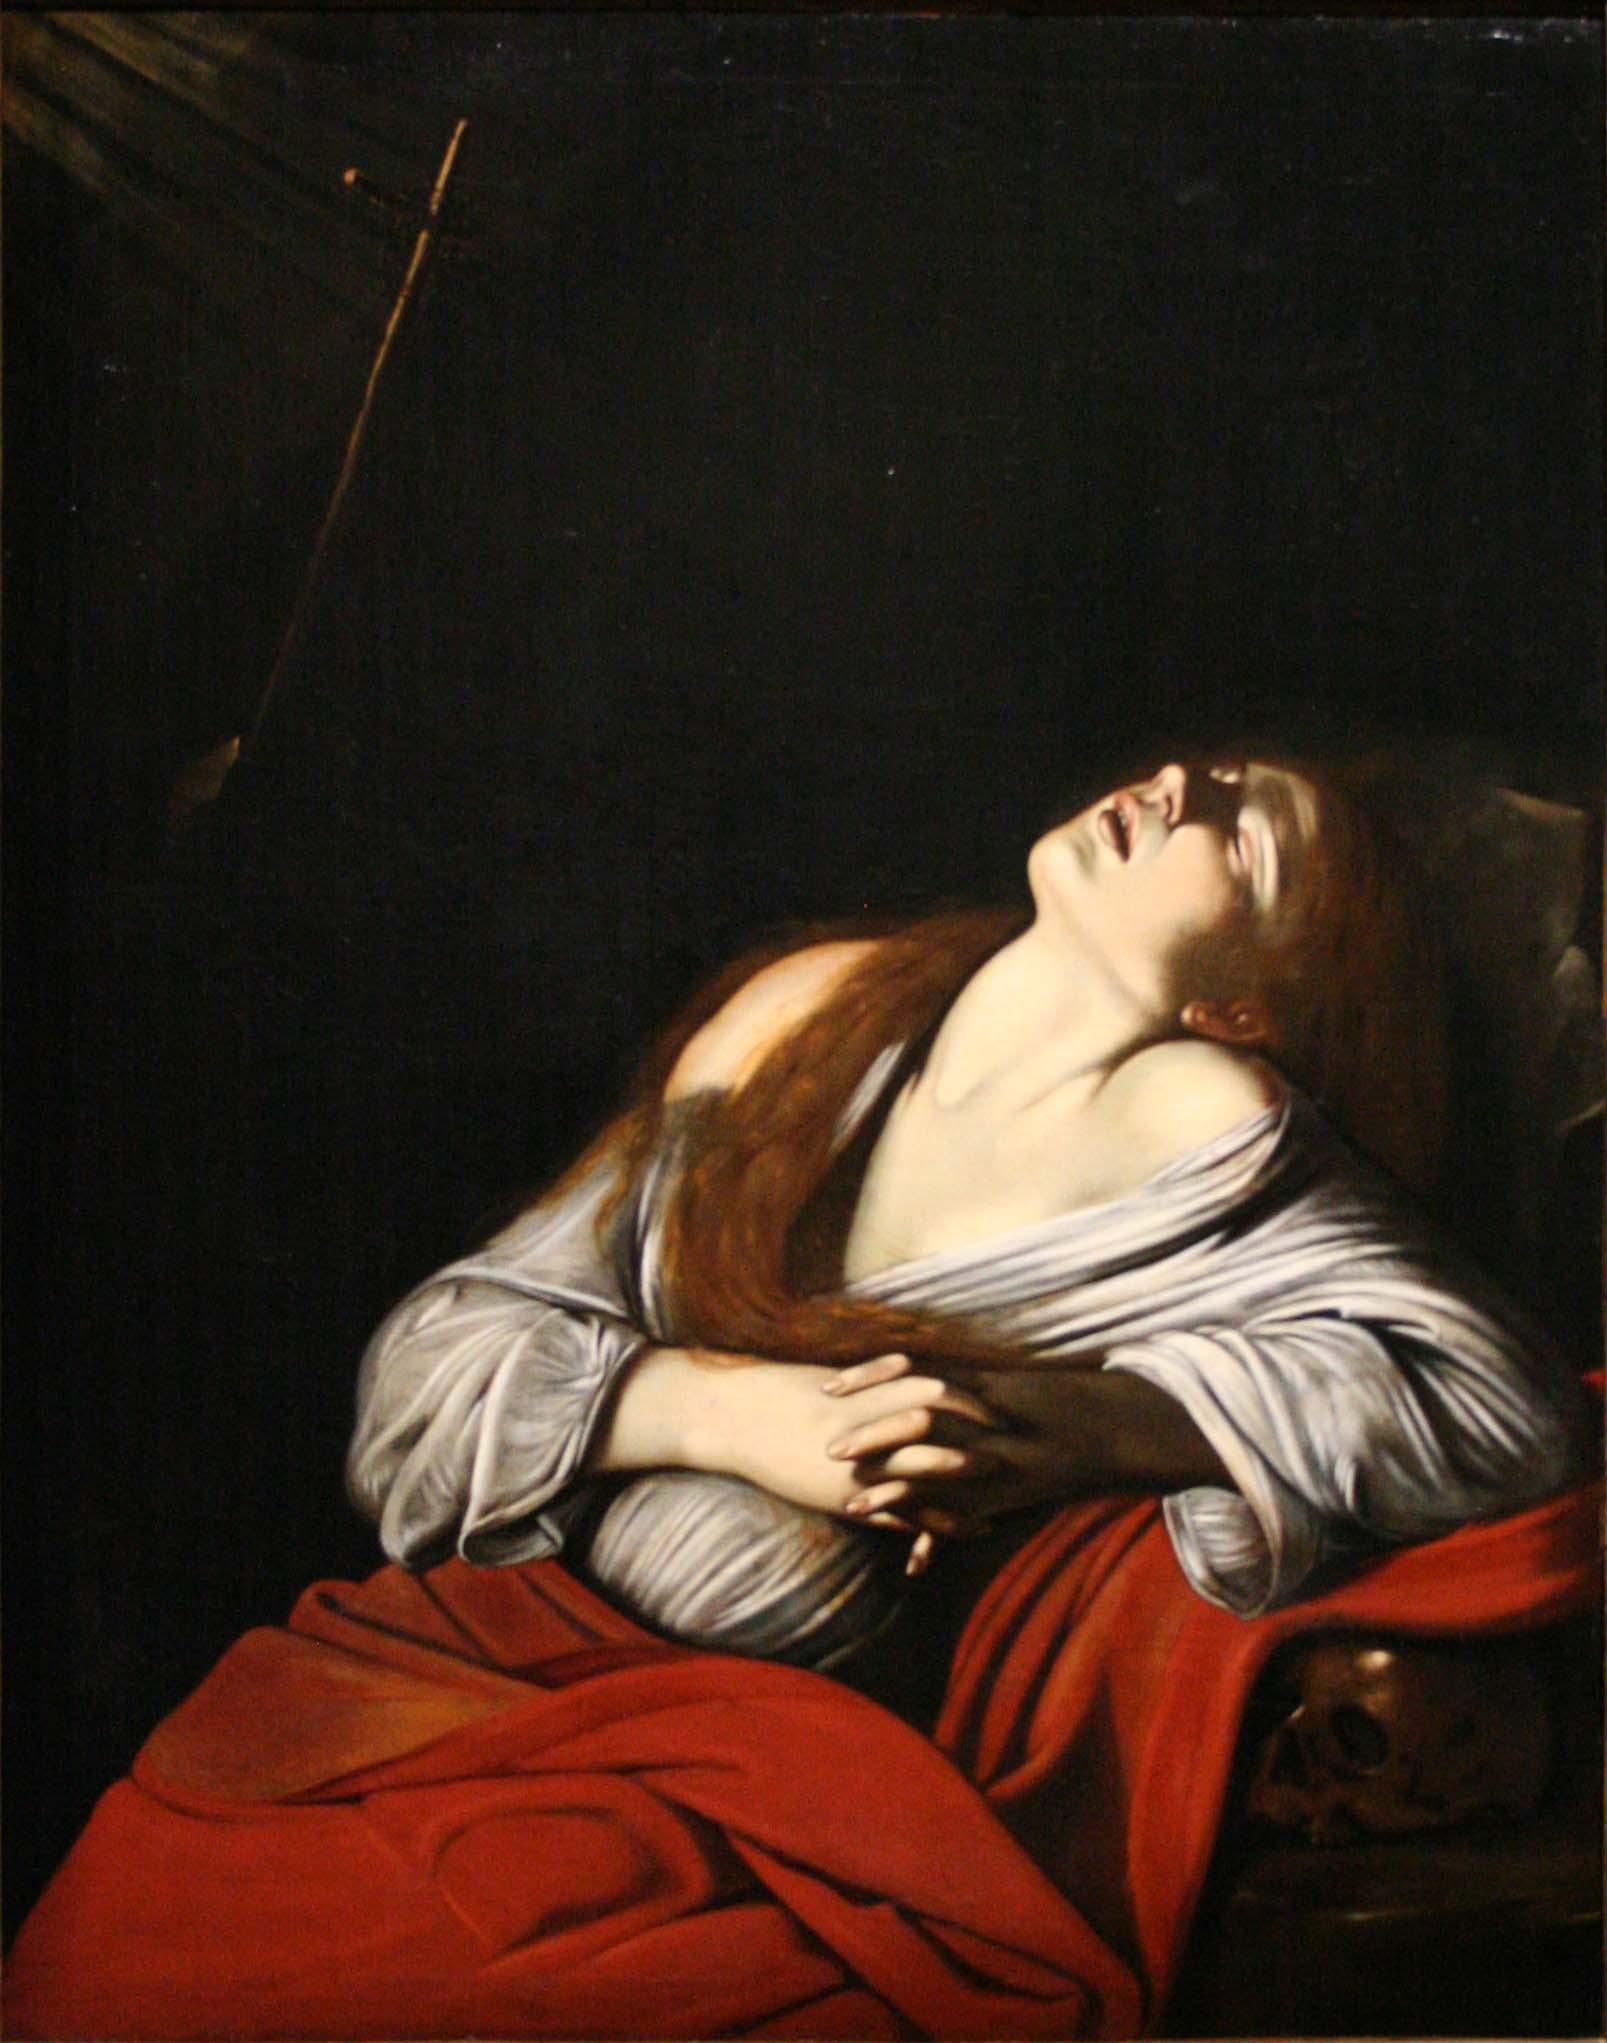 Louis Finson, Madeleine en extase, 1612, huile sur toile, 120 x 100 cm, Marseille, musée des Beaux-Arts.